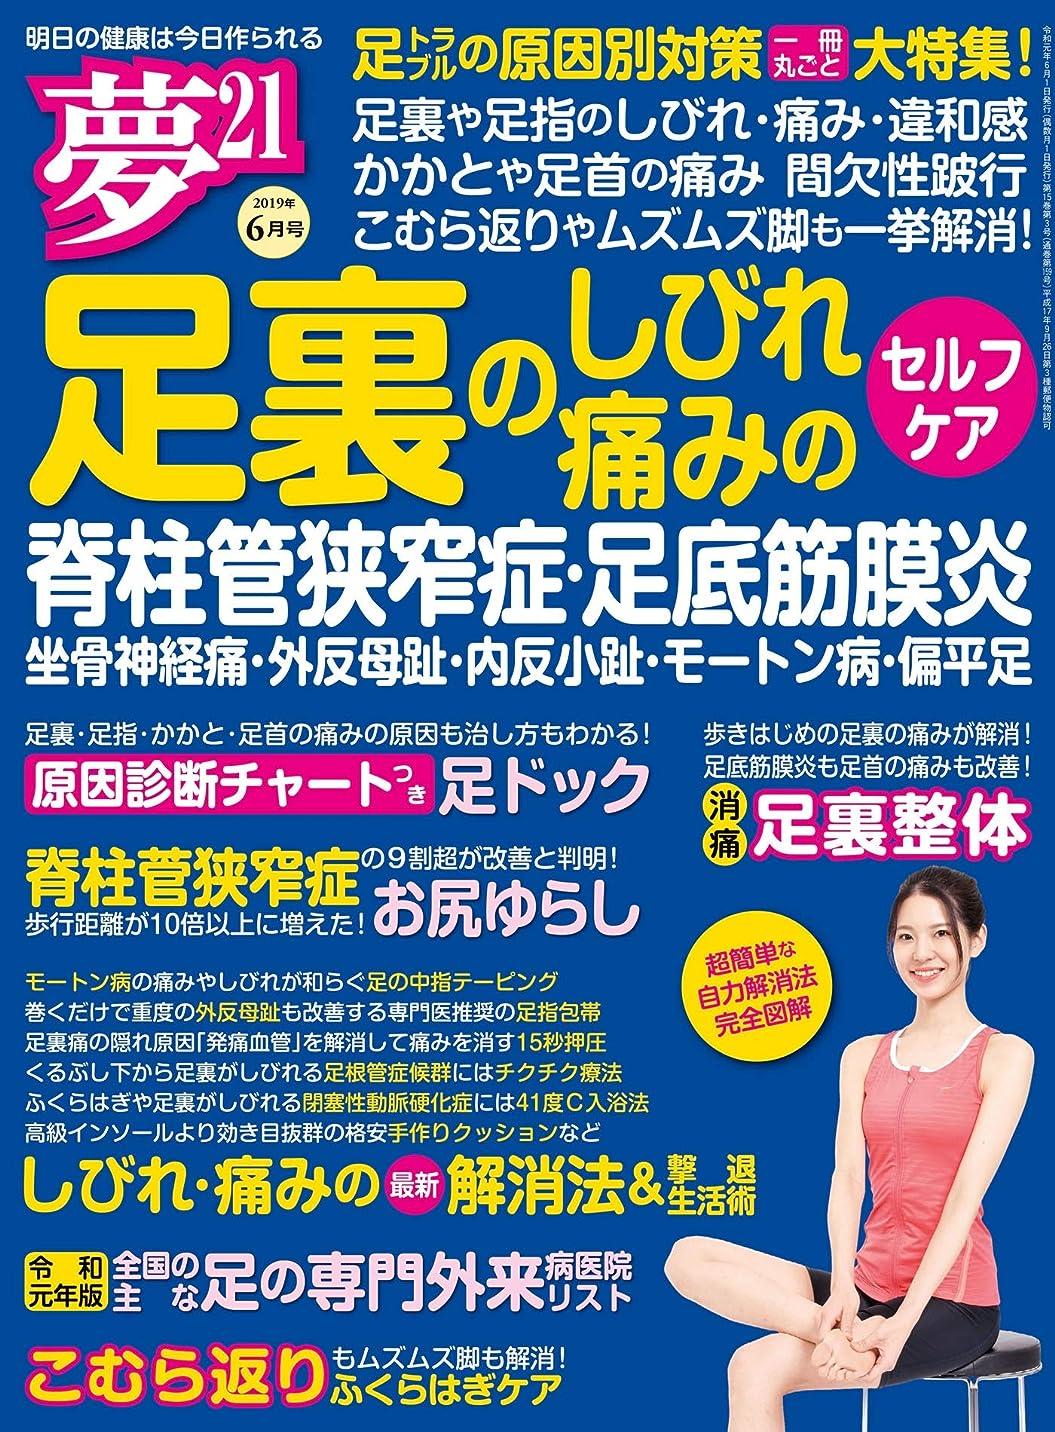 キャプテンコショウ広い夢21 2019年 06月号 [雑誌] (WAKASA PUB)